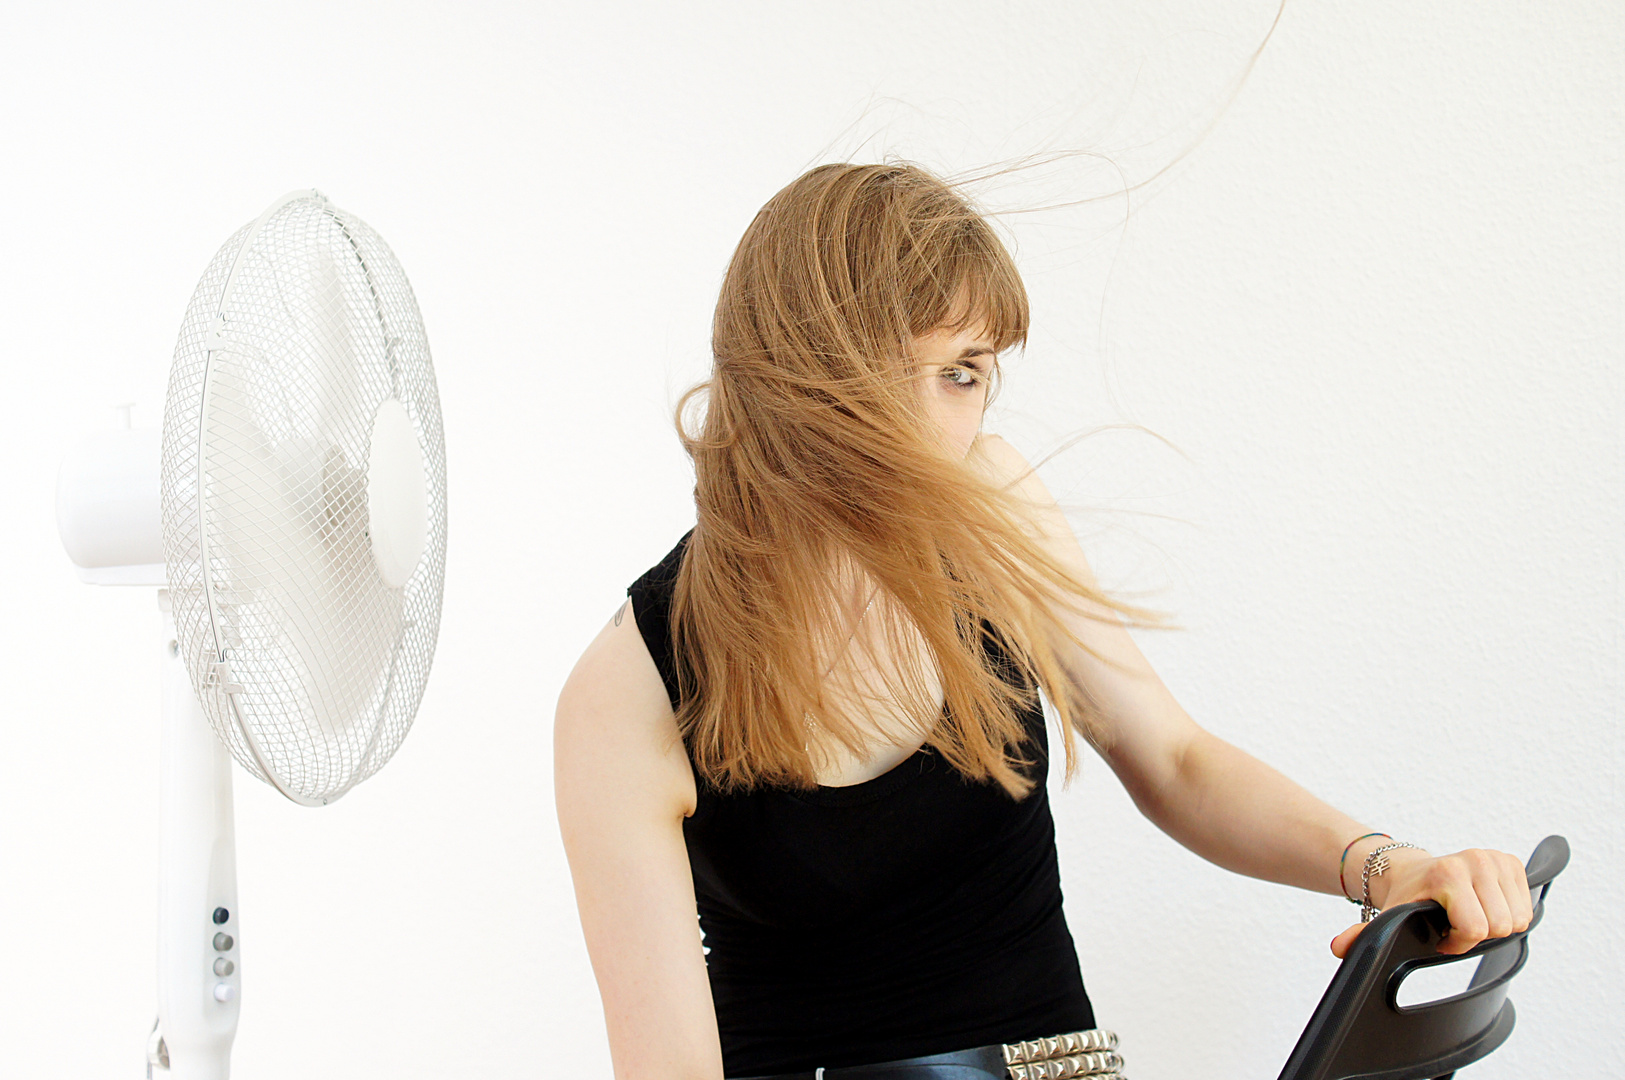 Kathi: hat + fan 1